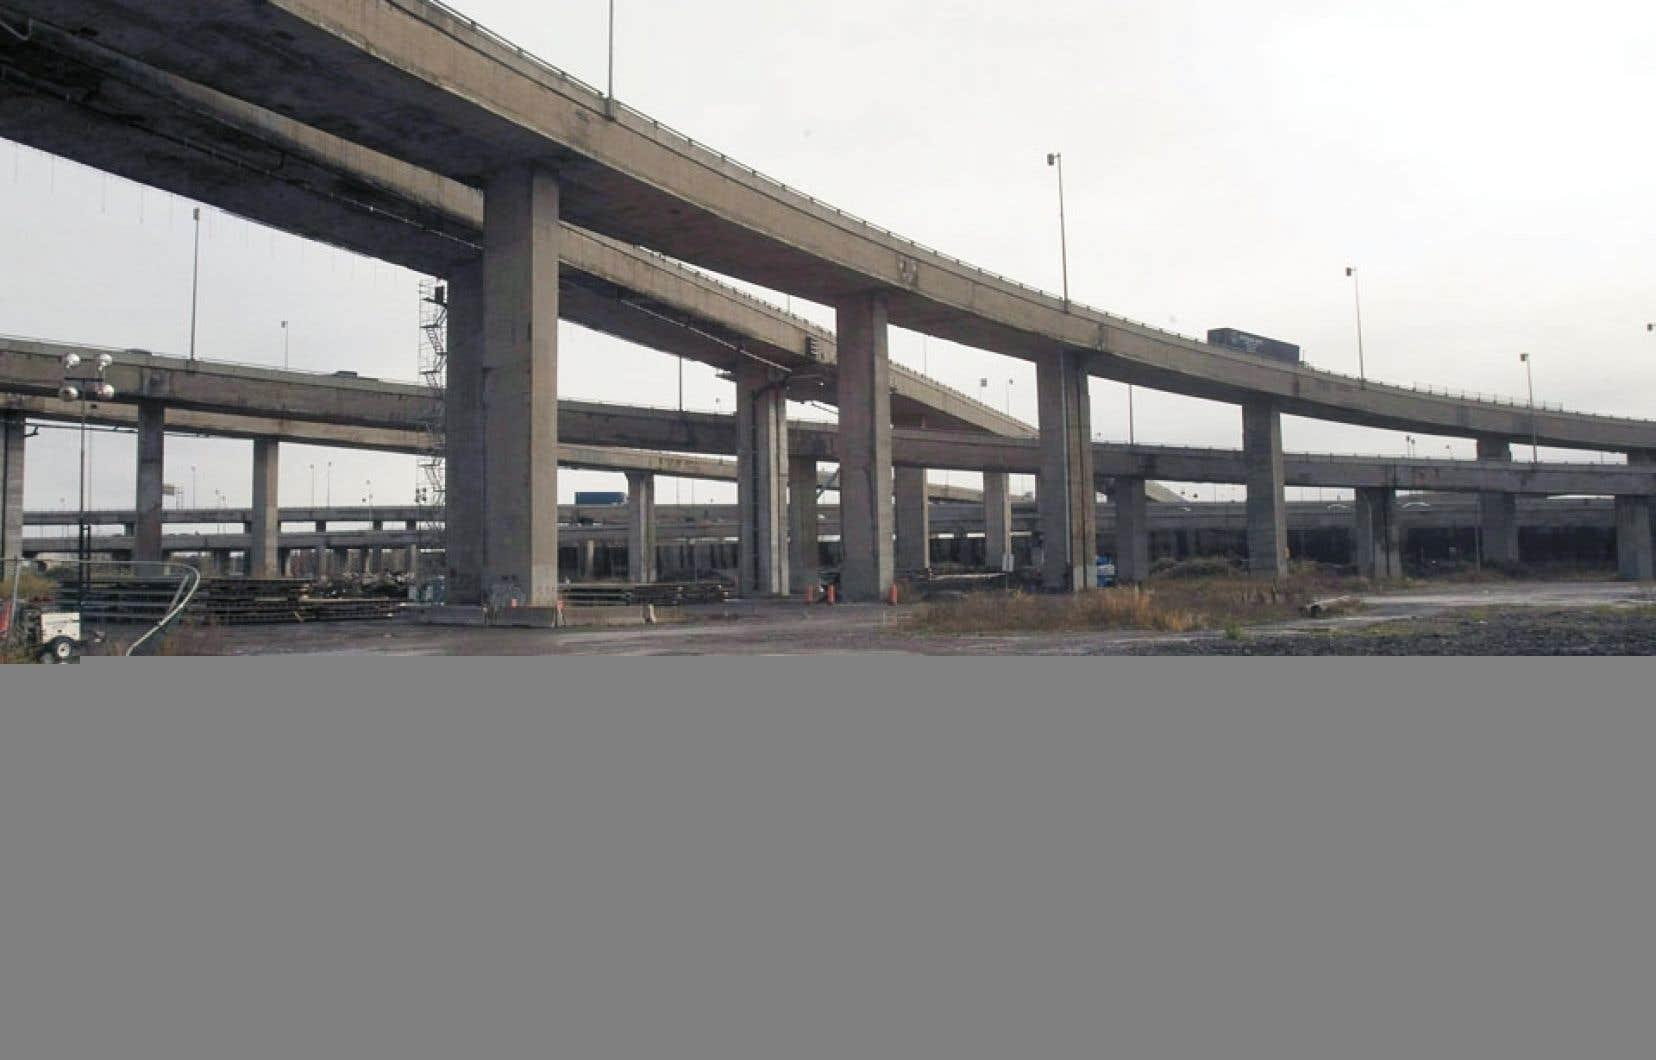 Québec dit avoir fait le maximum pour bonifier le projet d'échangeur Turcot.